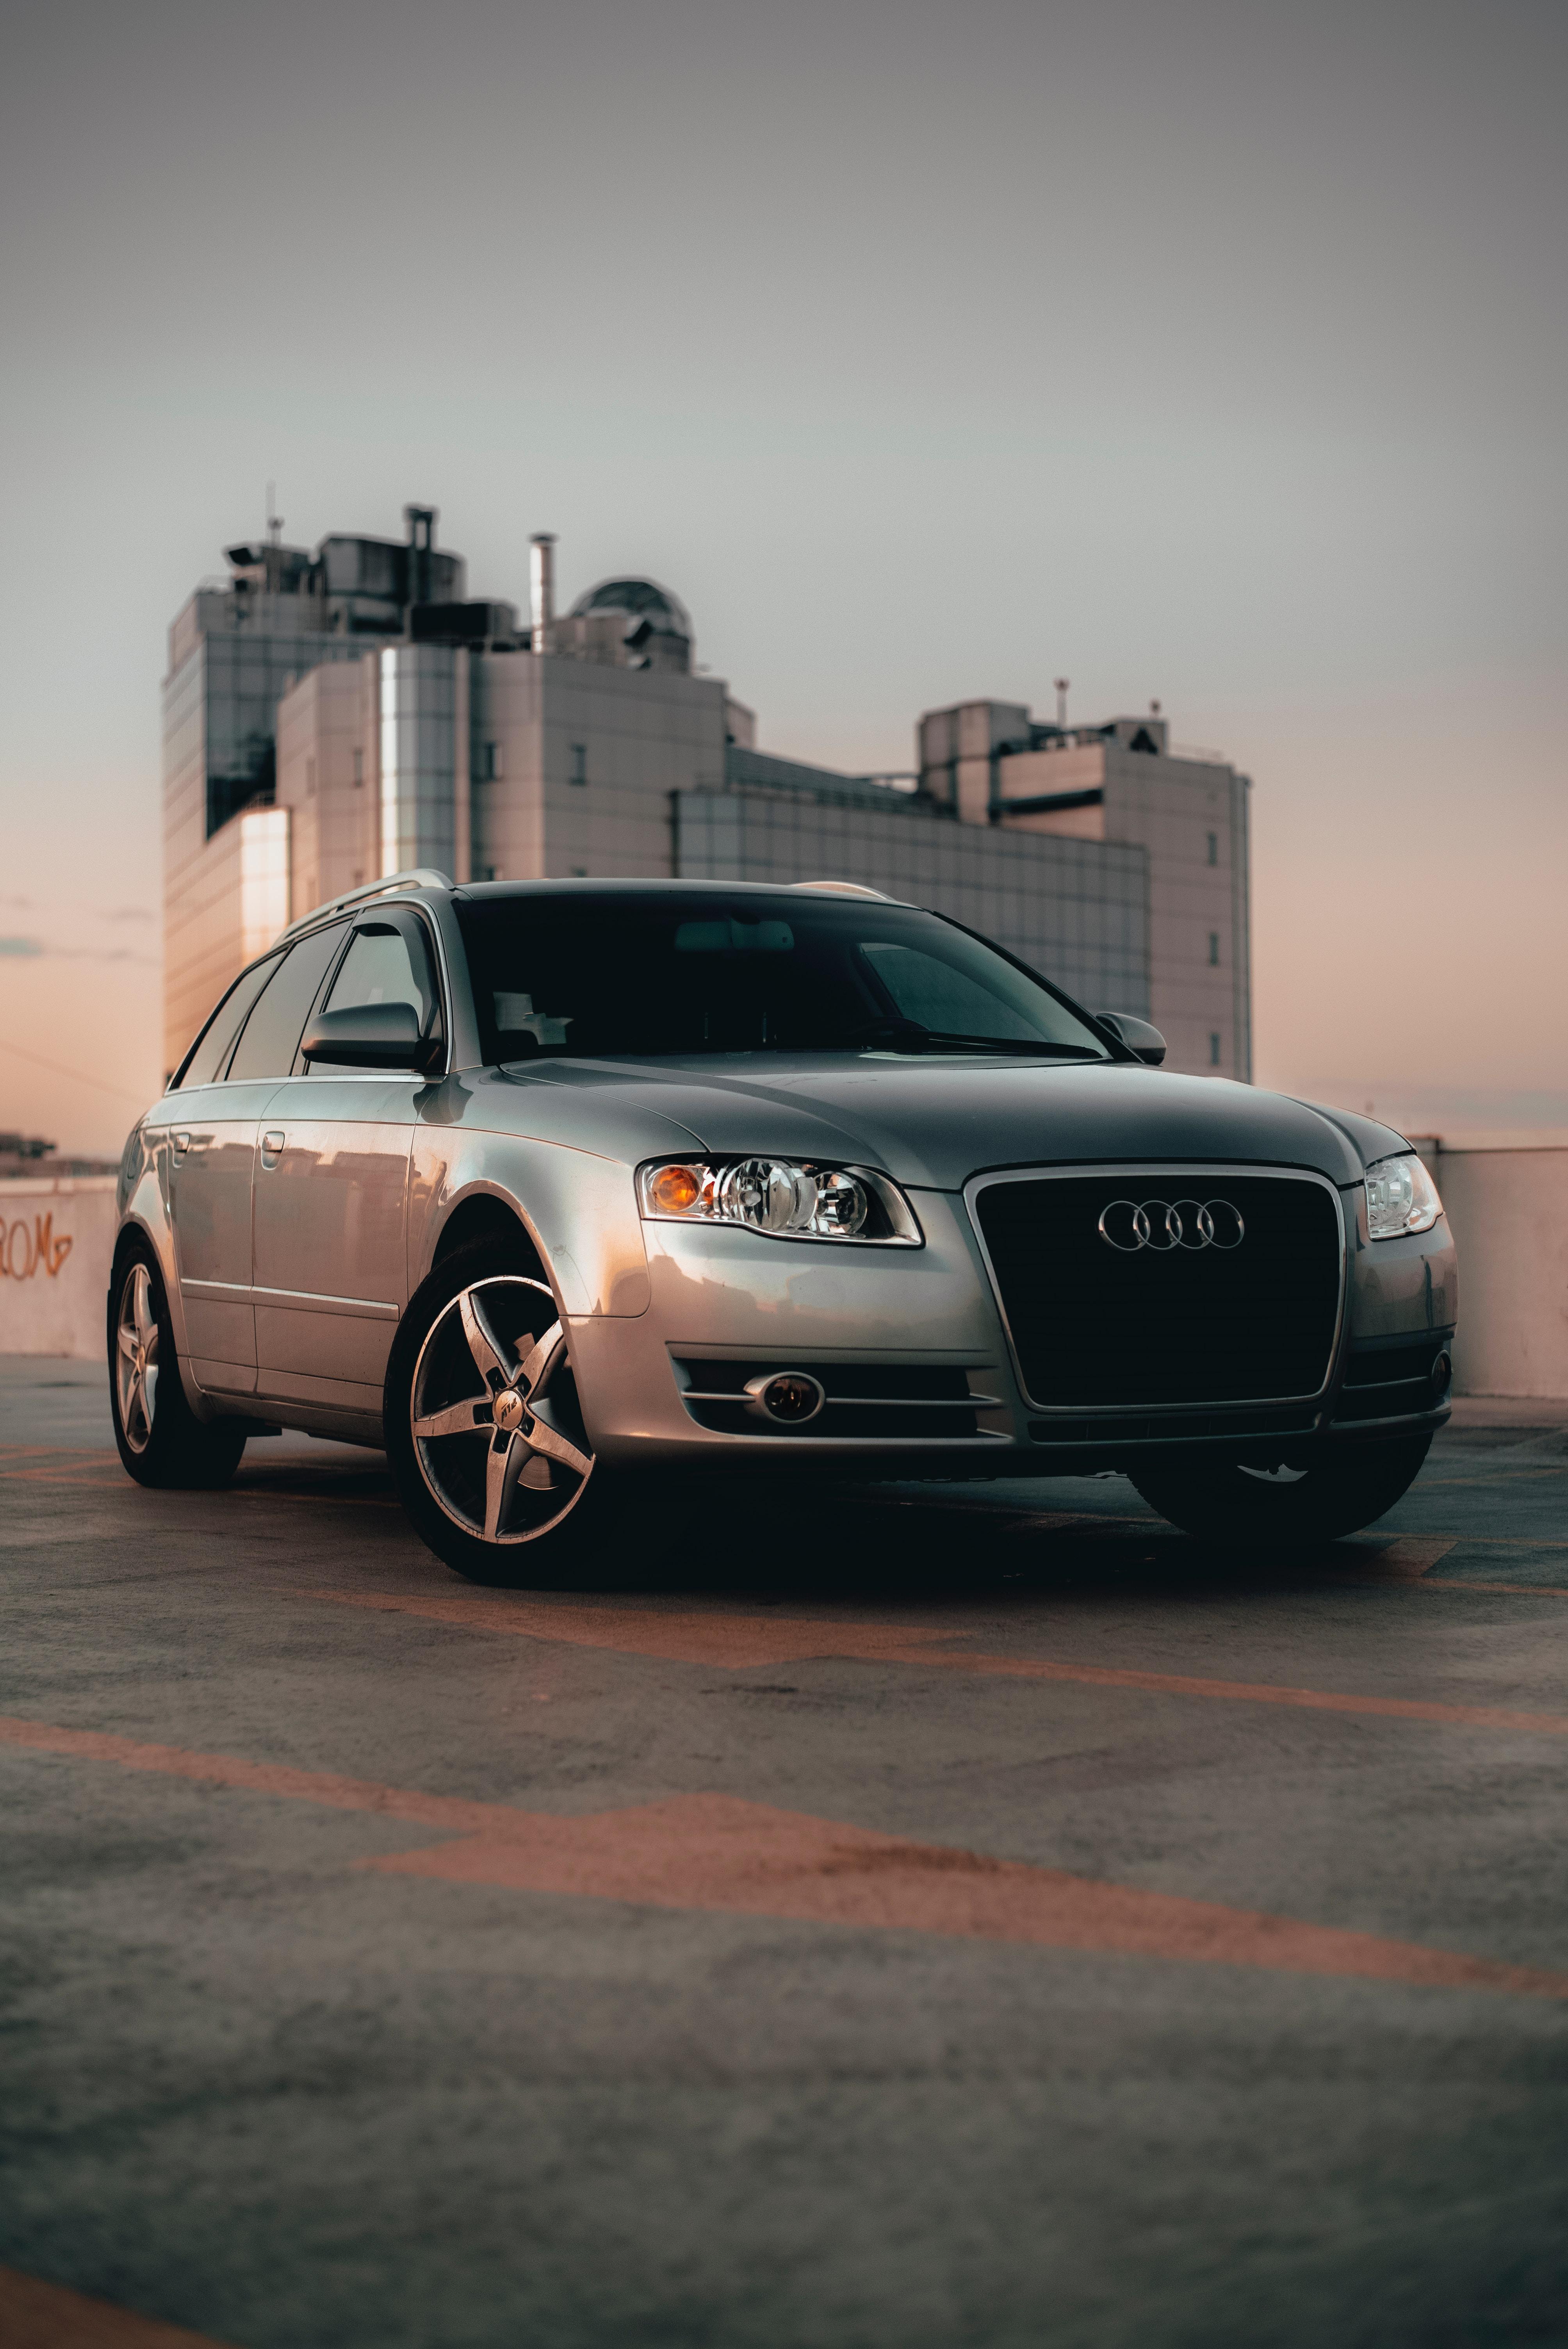 133518 Заставки и Обои Ауди (Audi) на телефон. Скачать Ауди (Audi), Тачки (Cars), Внедорожник, Машина, Фары, Audi Allroad картинки бесплатно